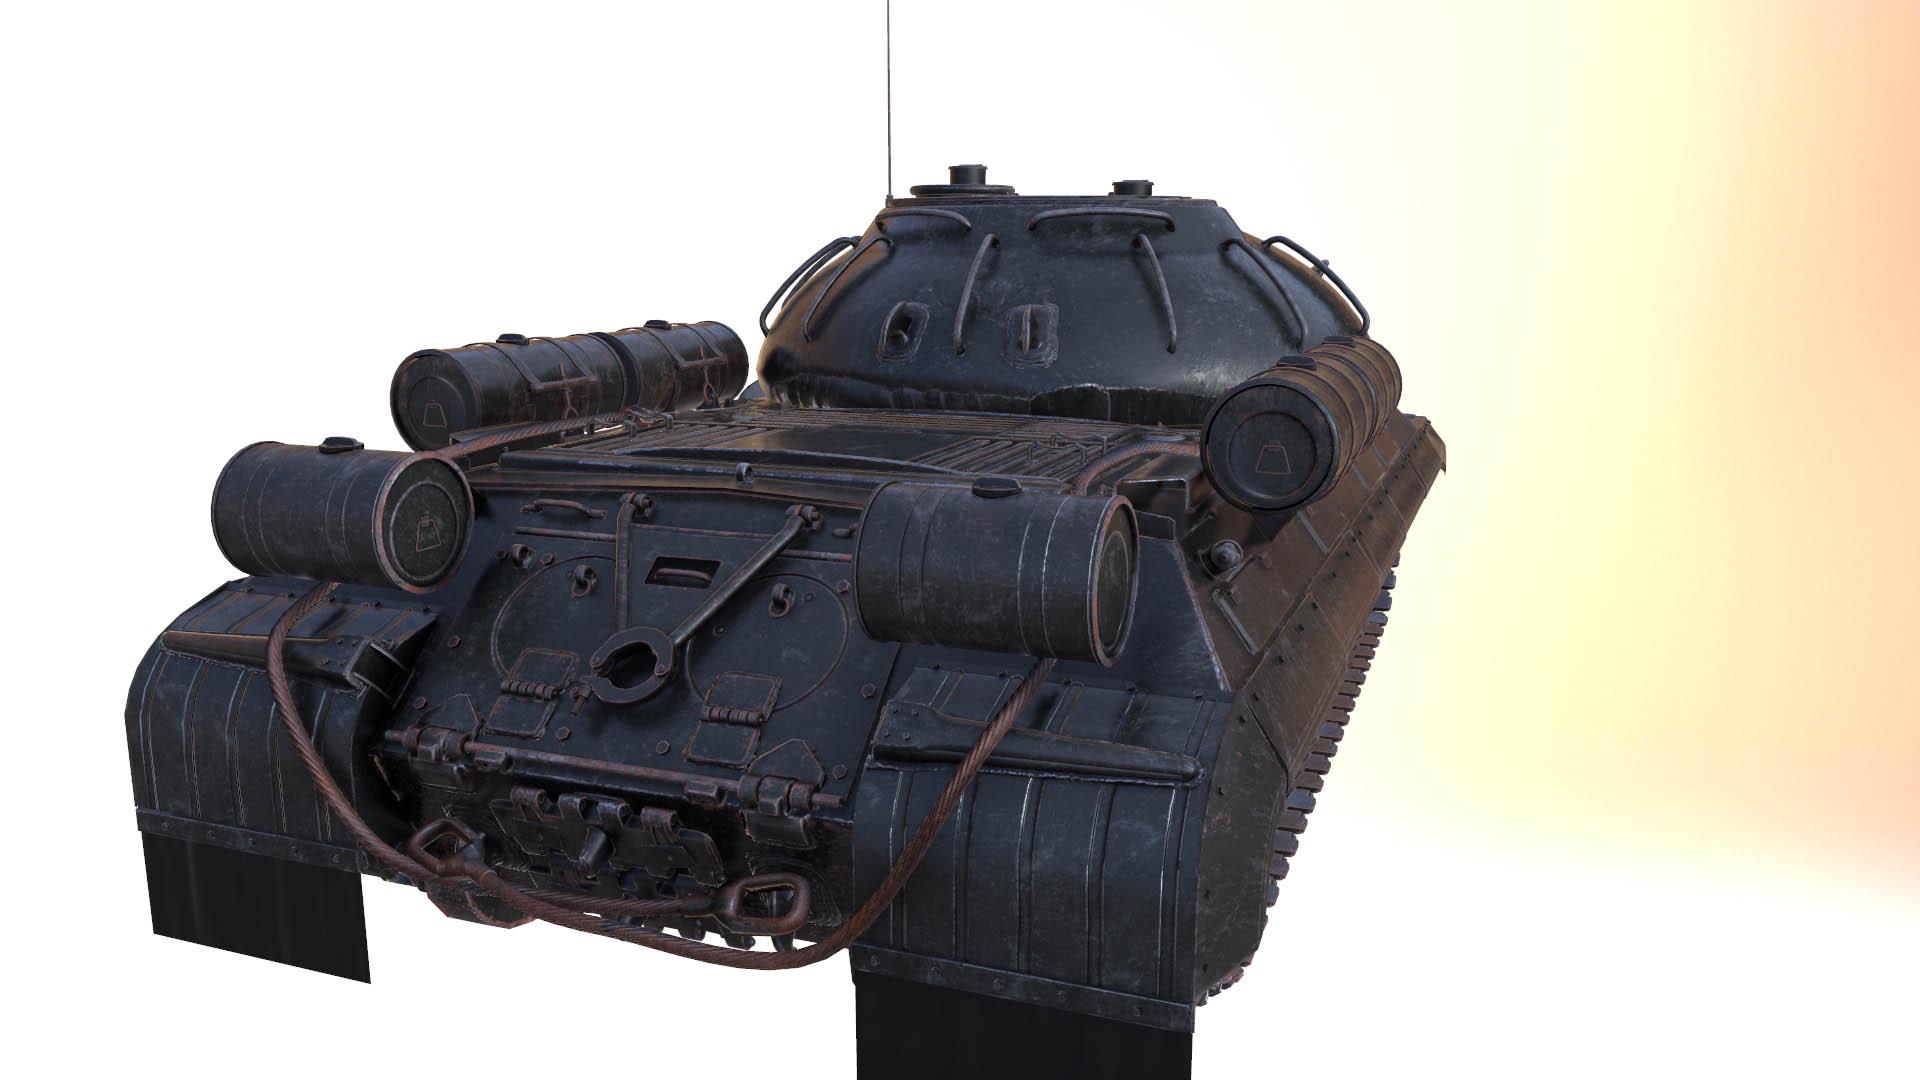 Soviet tank modelling